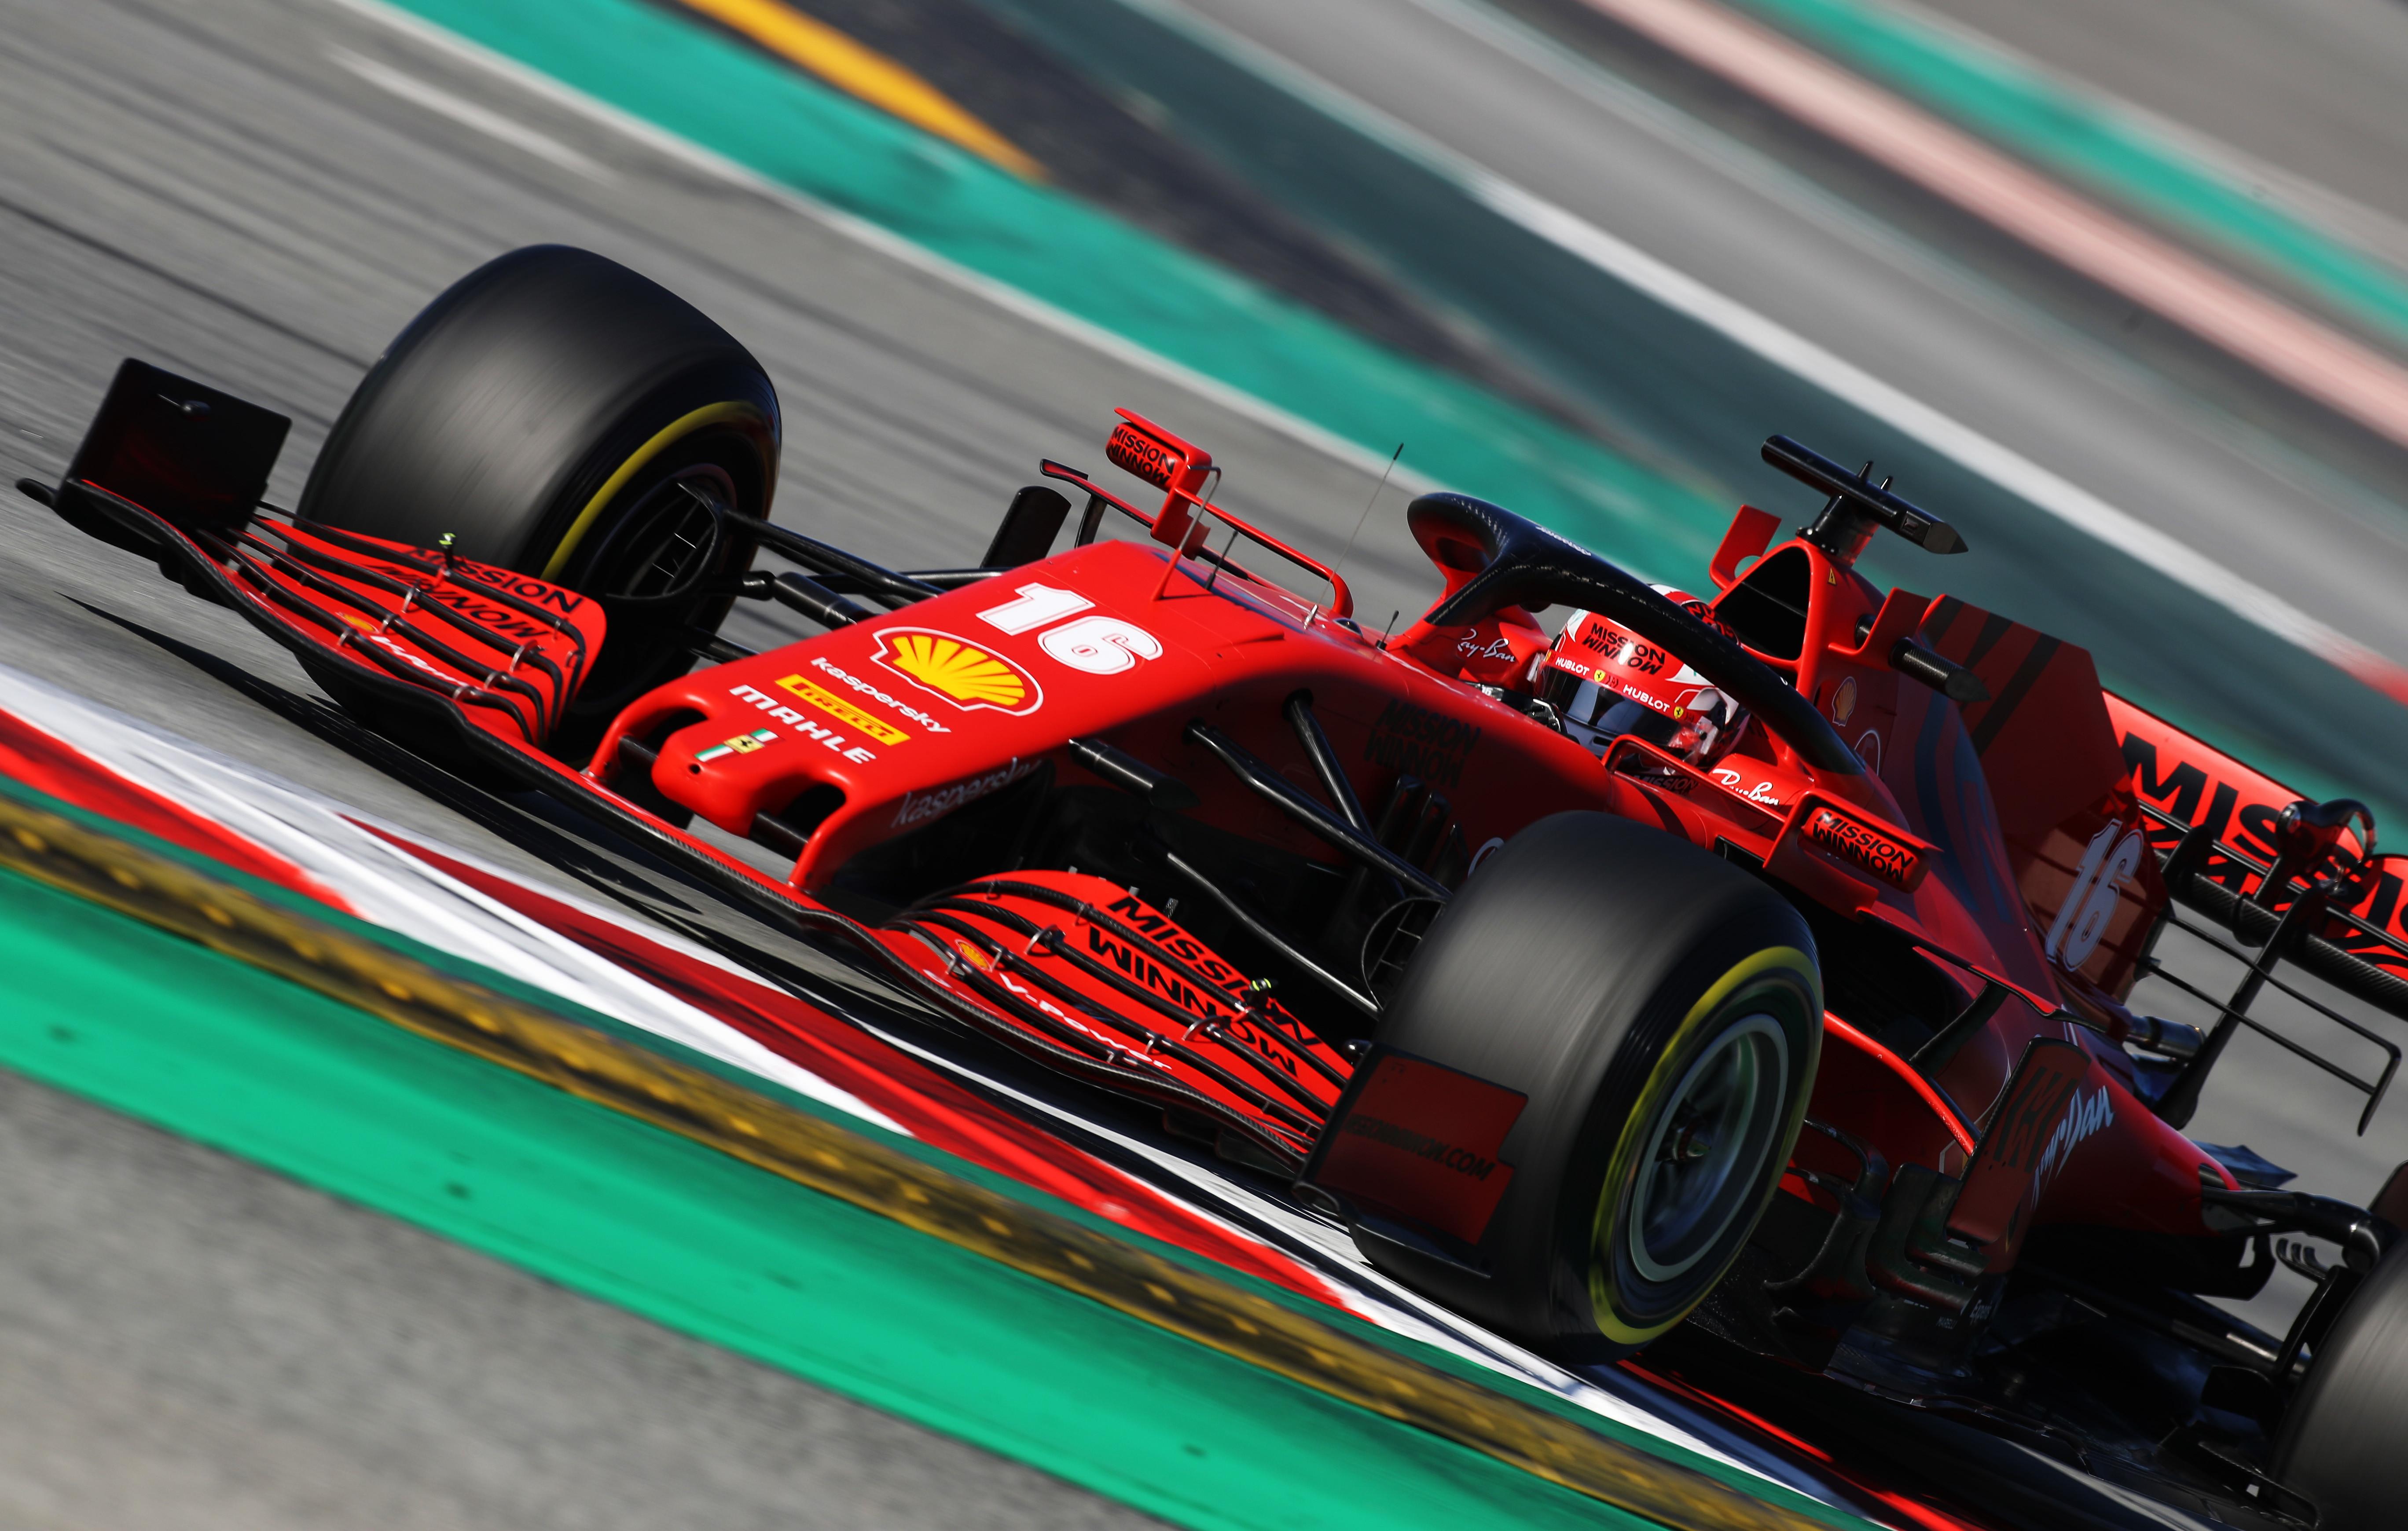 A Barcellona ultima giornata di prove prima dell'inizio del Mondiale di F1.